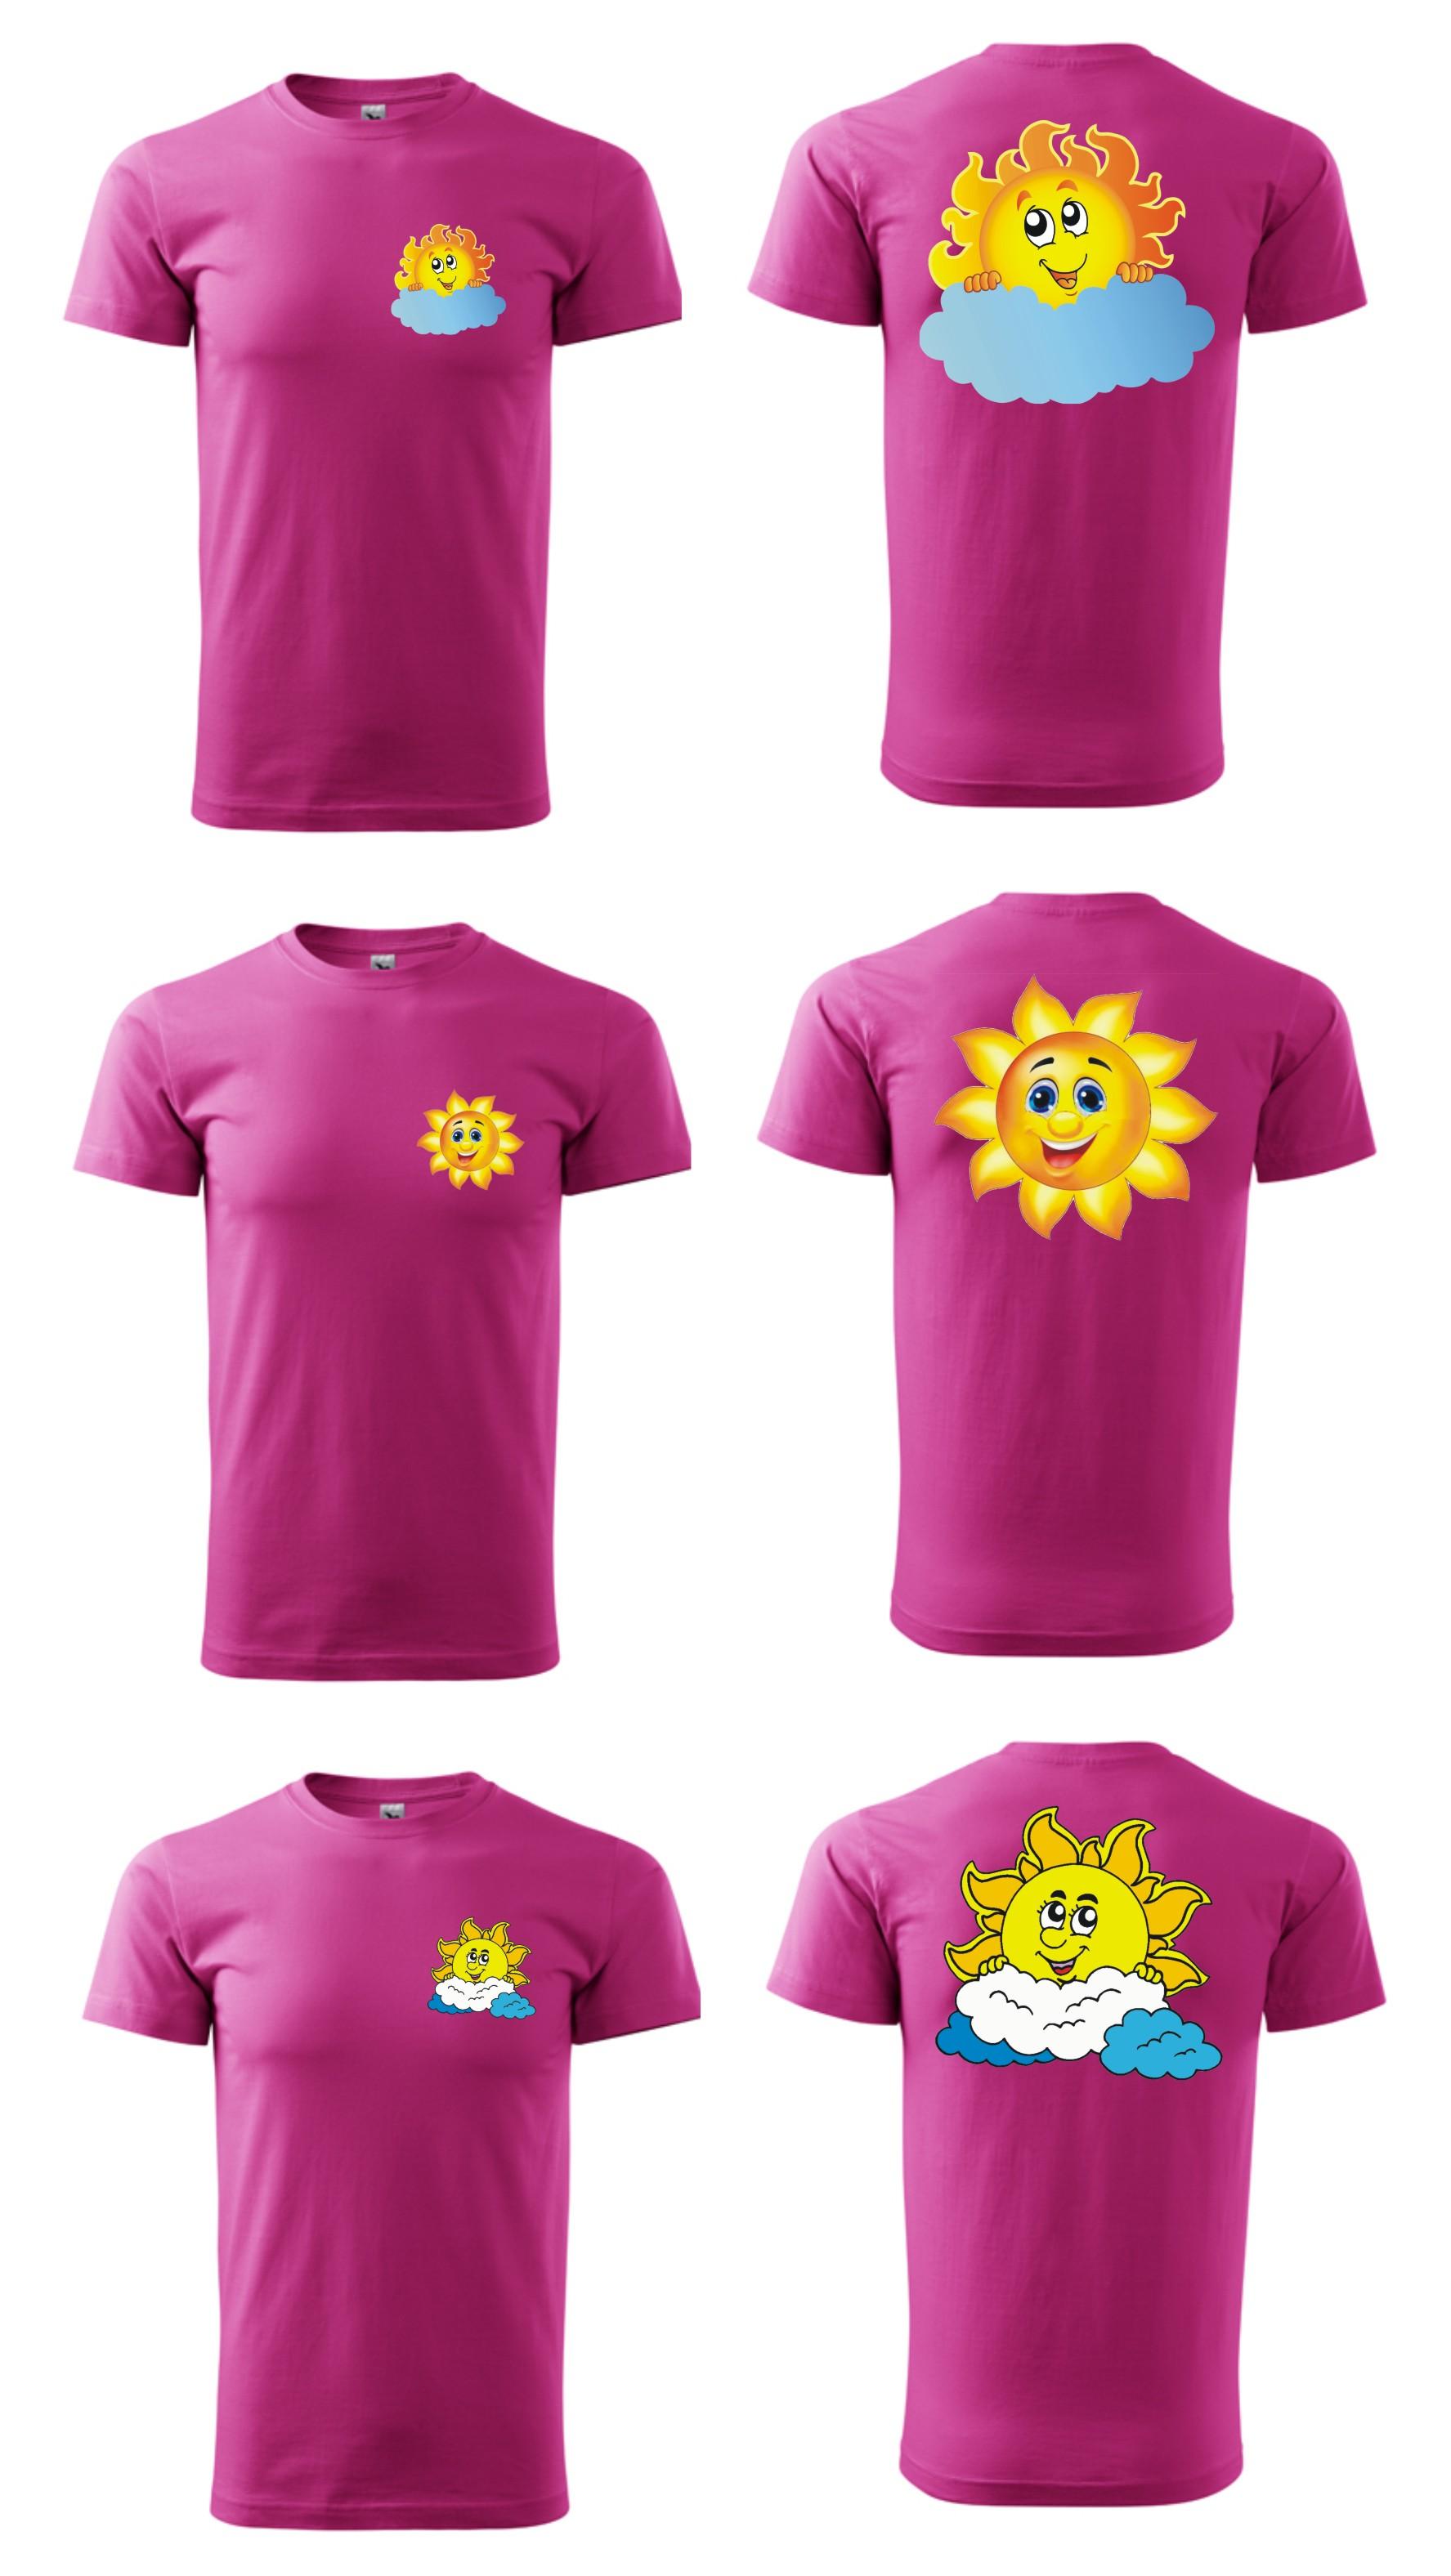 Unikátní trička, mikiny, košile s potiskem-výroba a návrhy motivu, loga